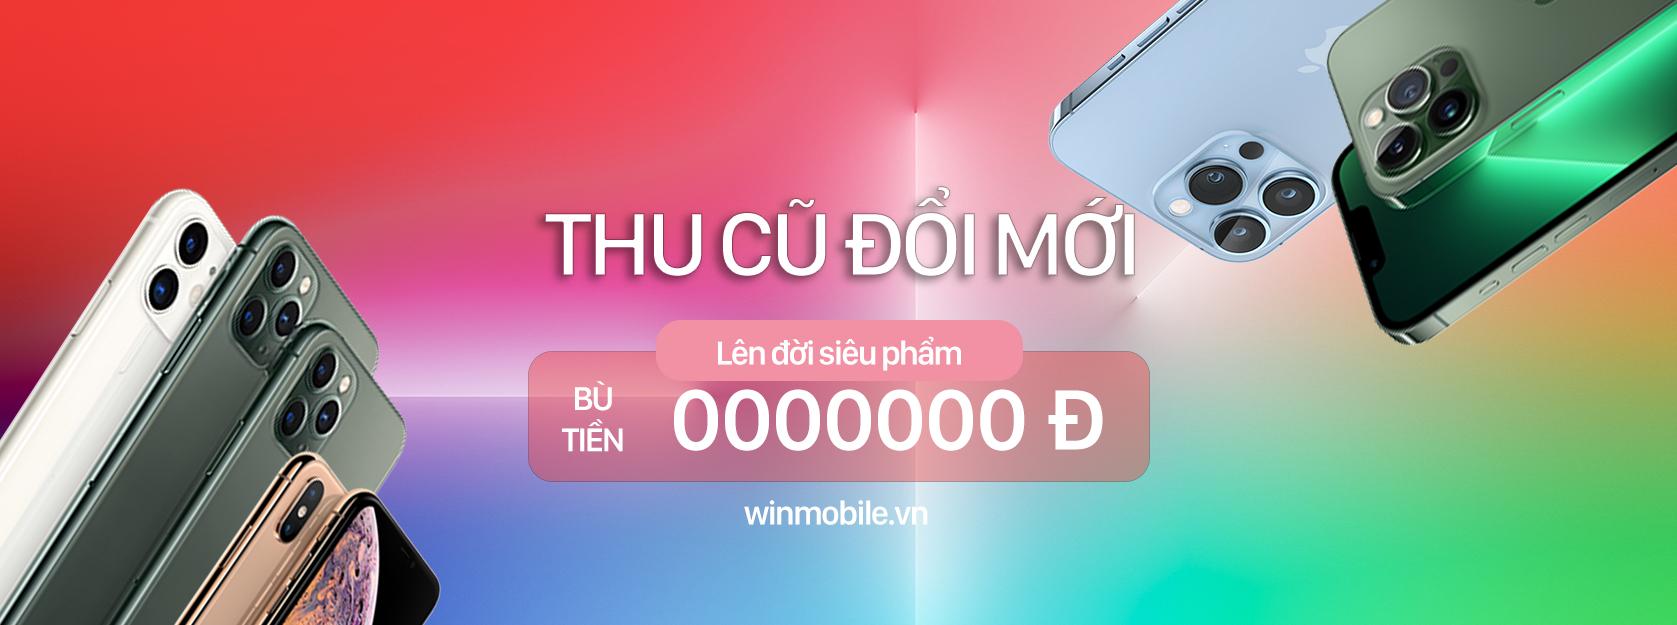 iPhone XS giá sốc nhất thị trường